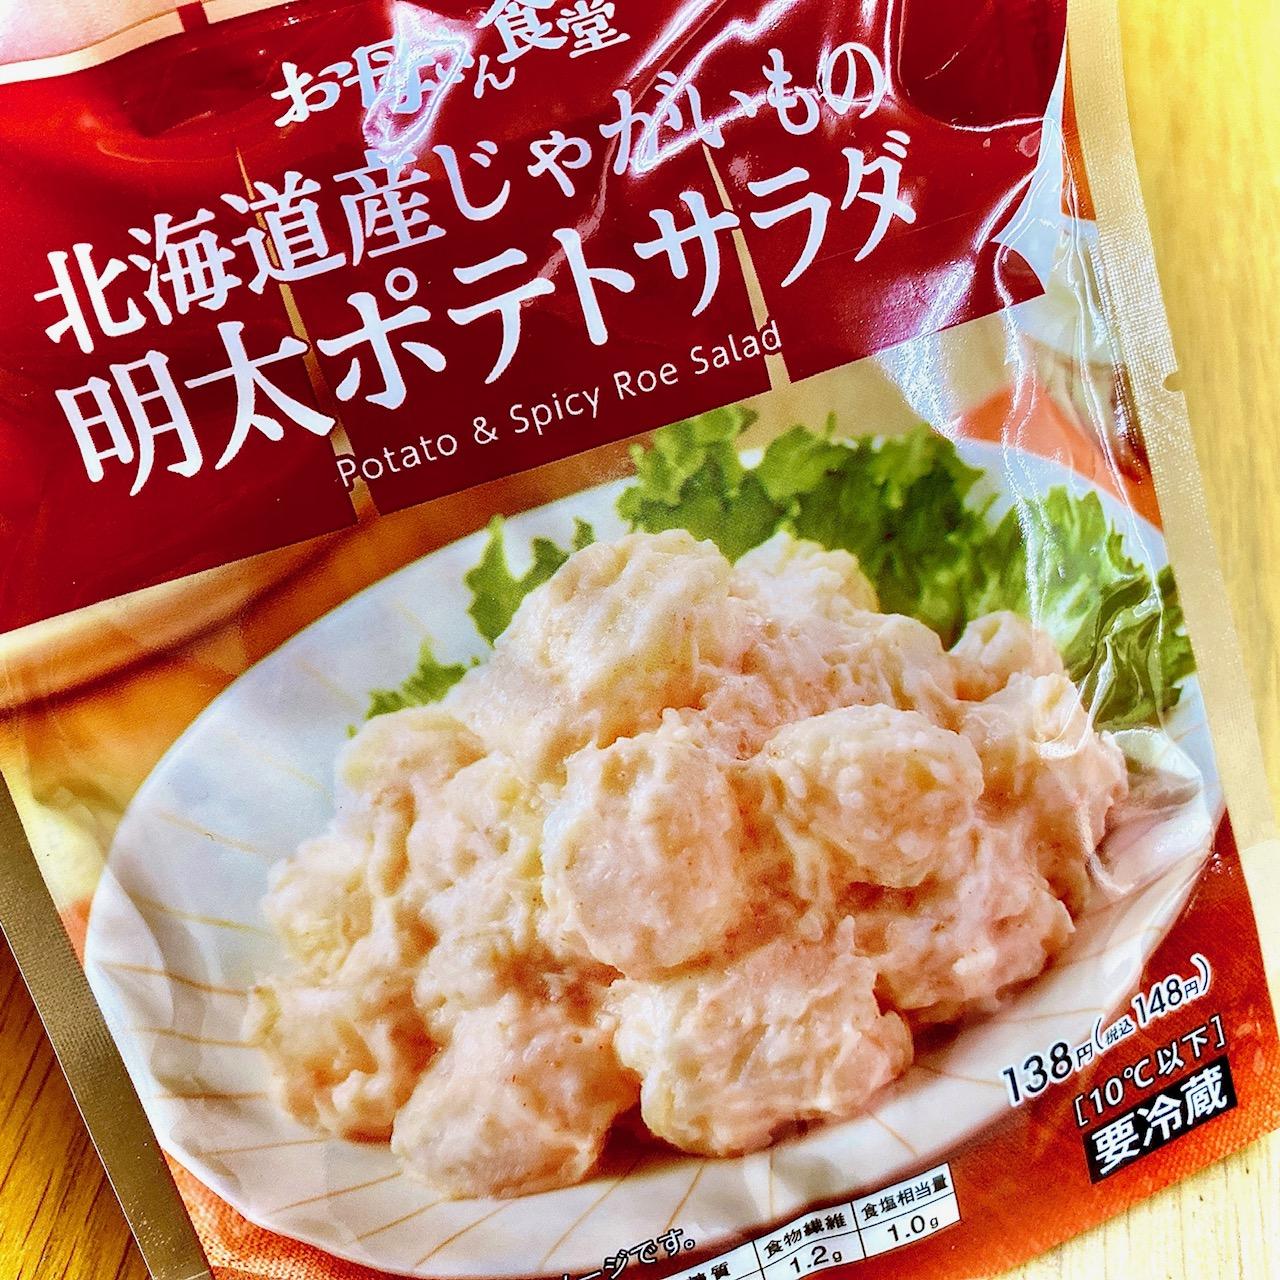 ファミリーマート「北海道じゃがいもの明太ポテトサラダ」